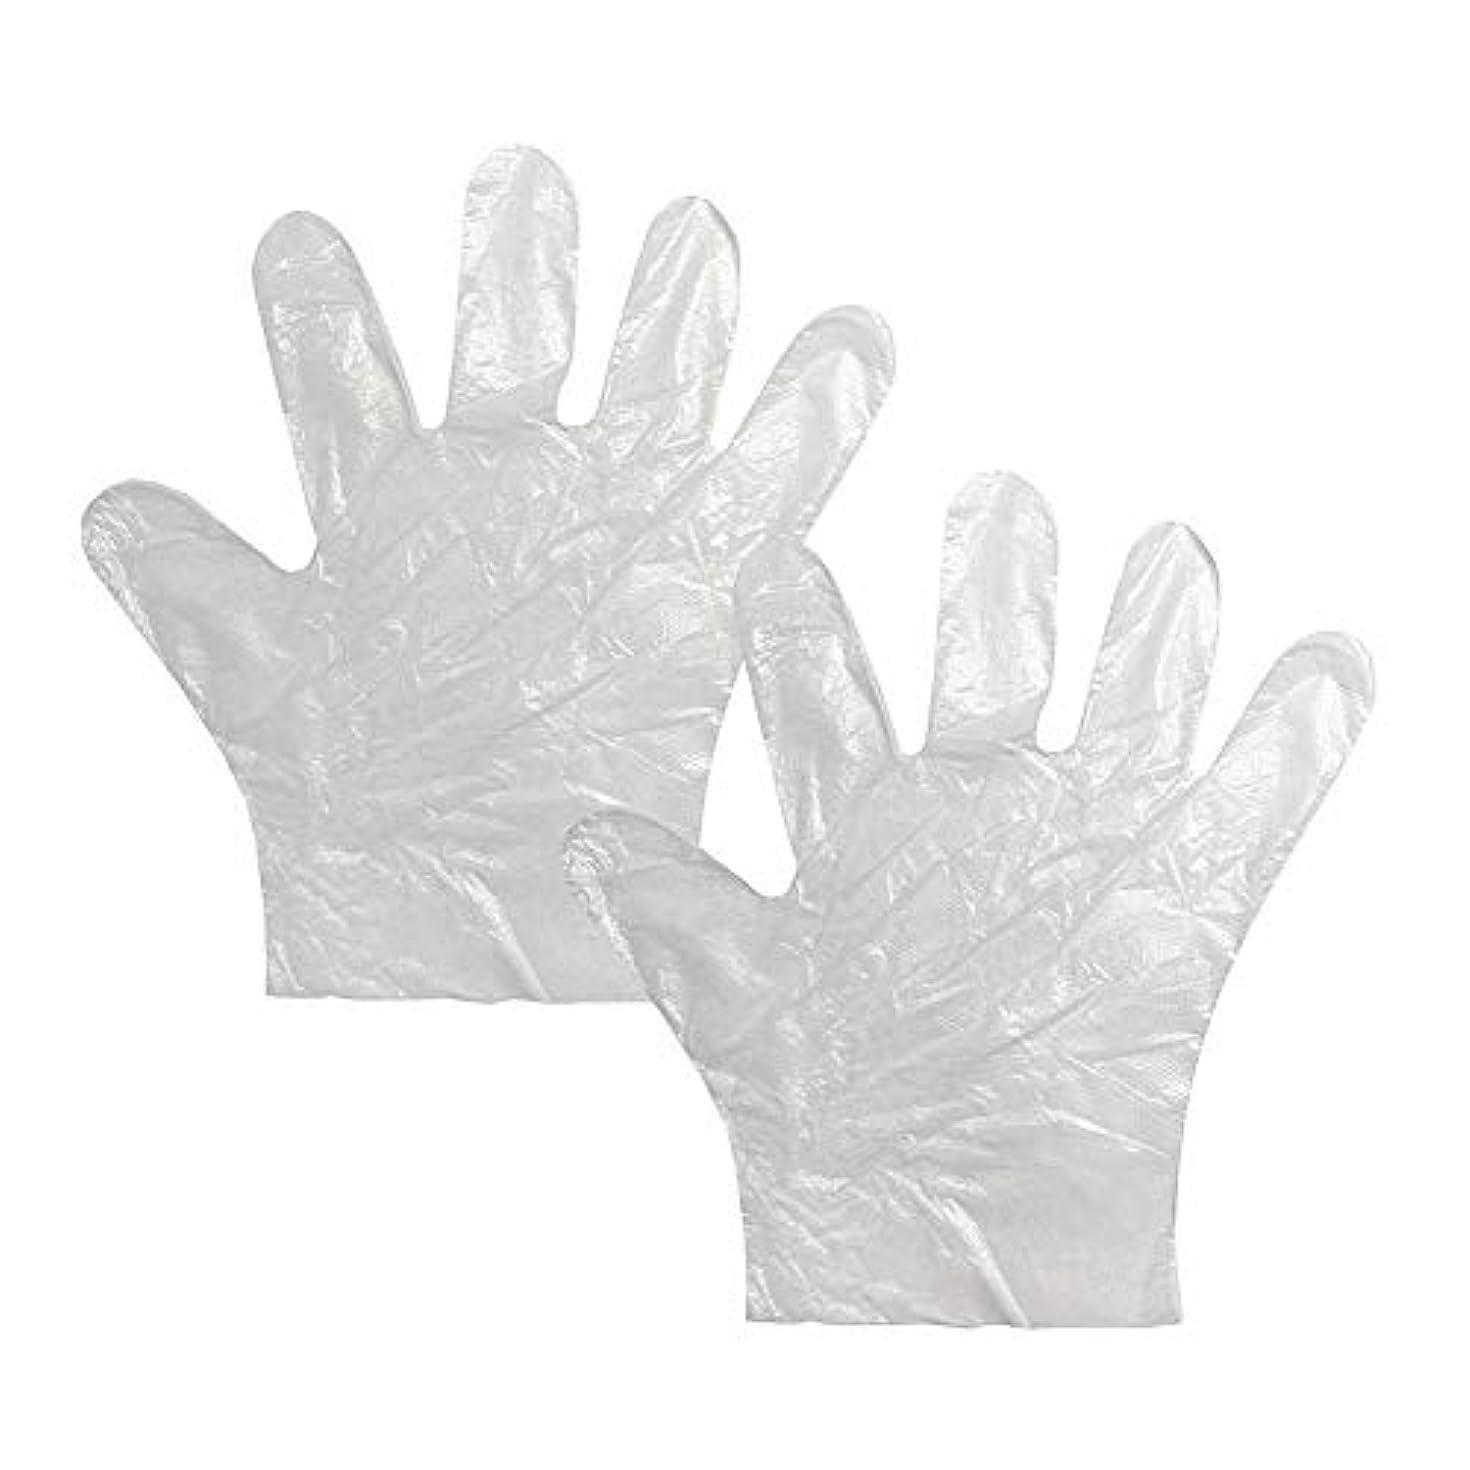 仕出します療法フクロウKUKUYA(ククヤ) 使い捨て手袋 極薄ビニール手袋 ポリエチレン 透明 実用 衛生 100枚*2セット